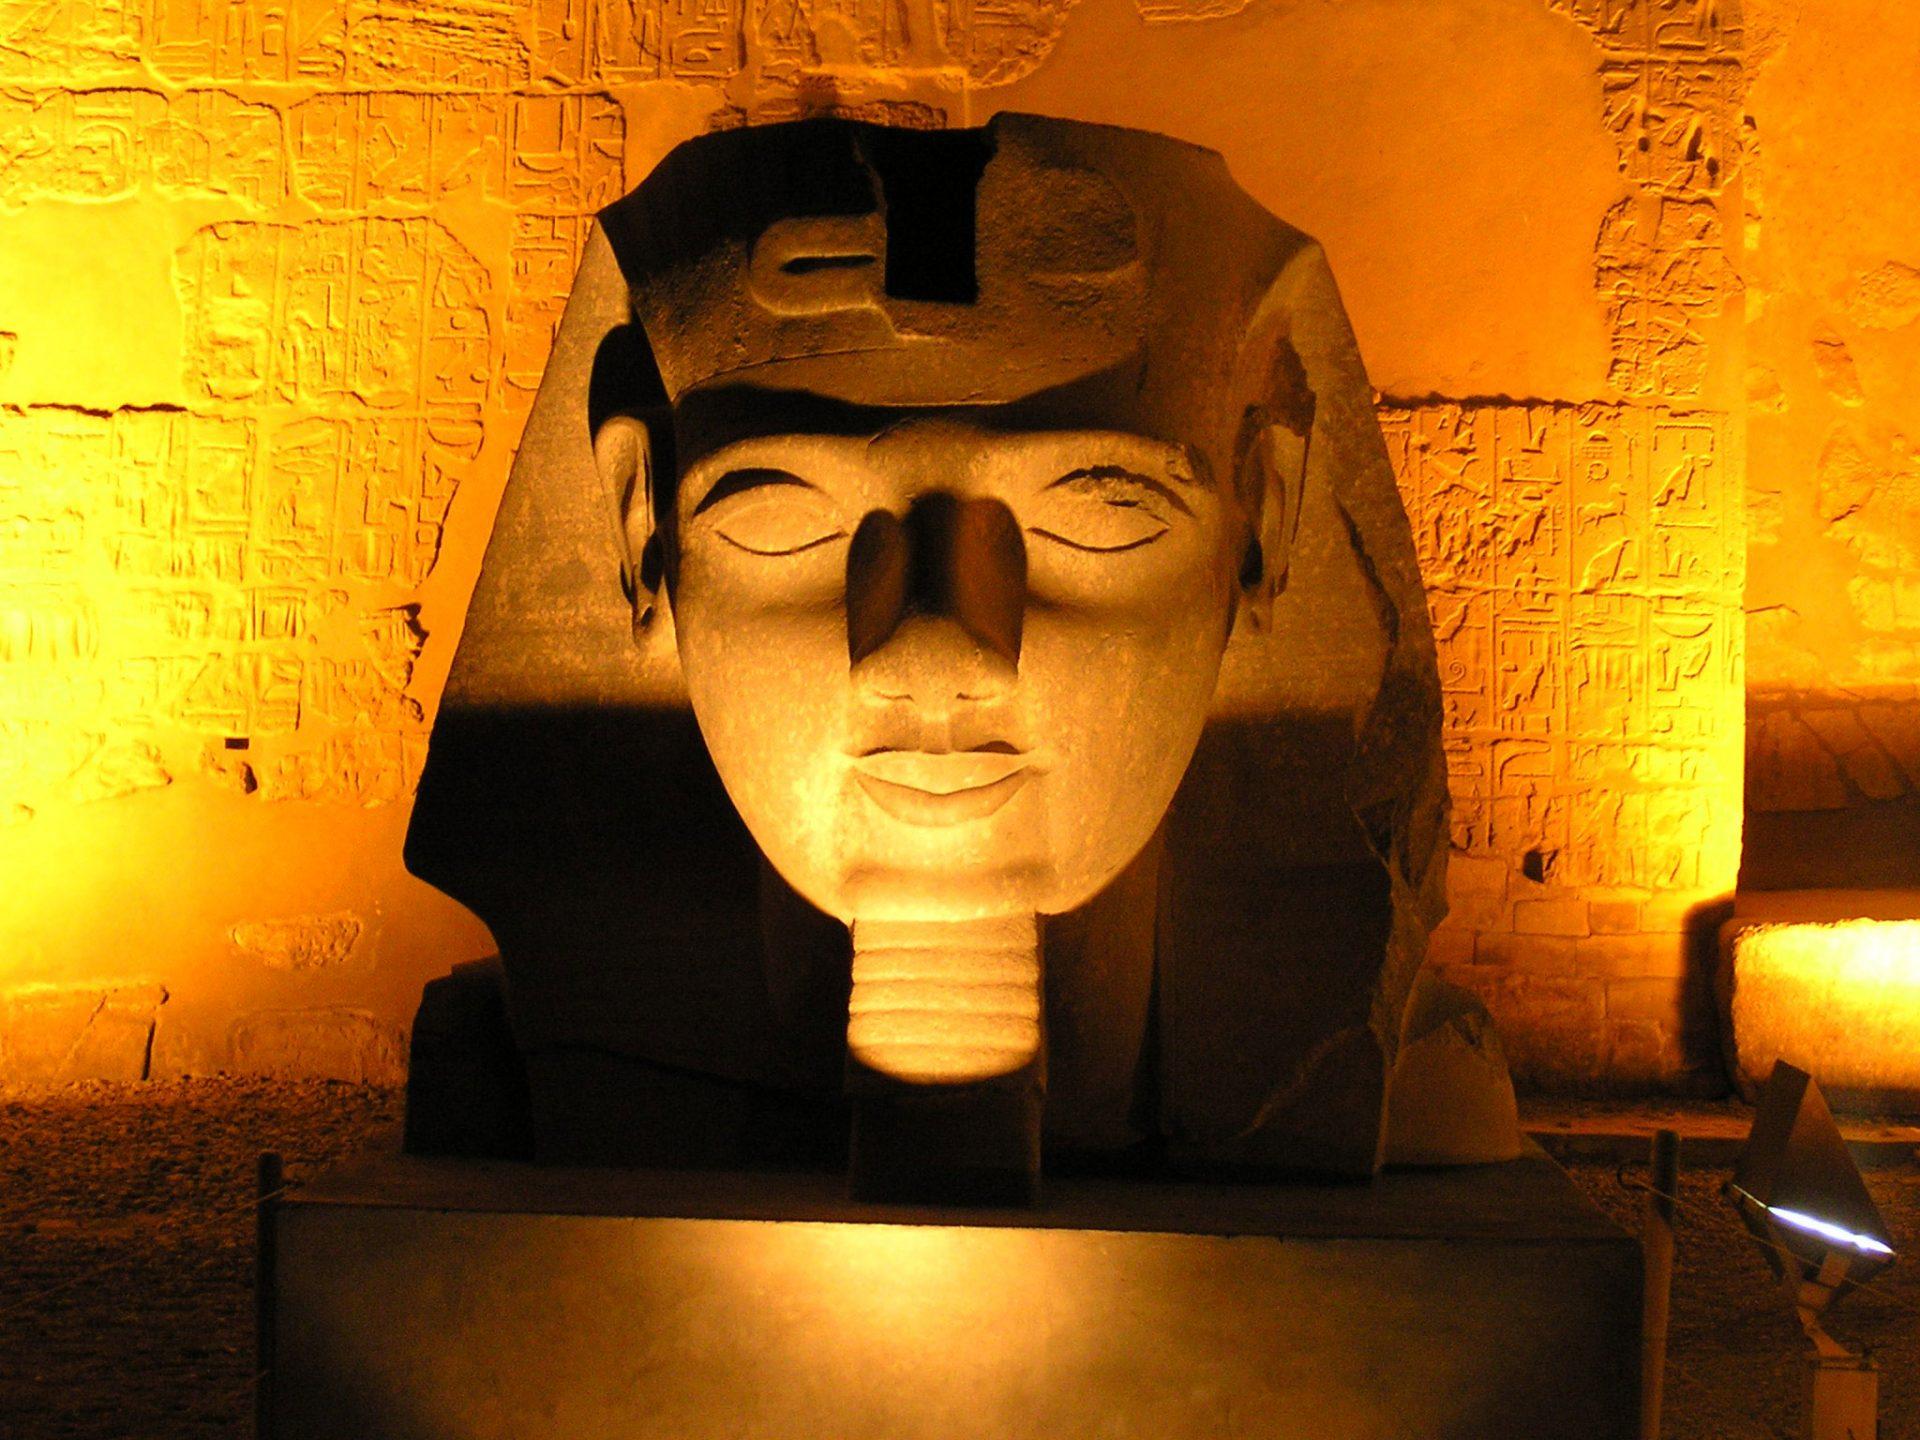 Farao statue